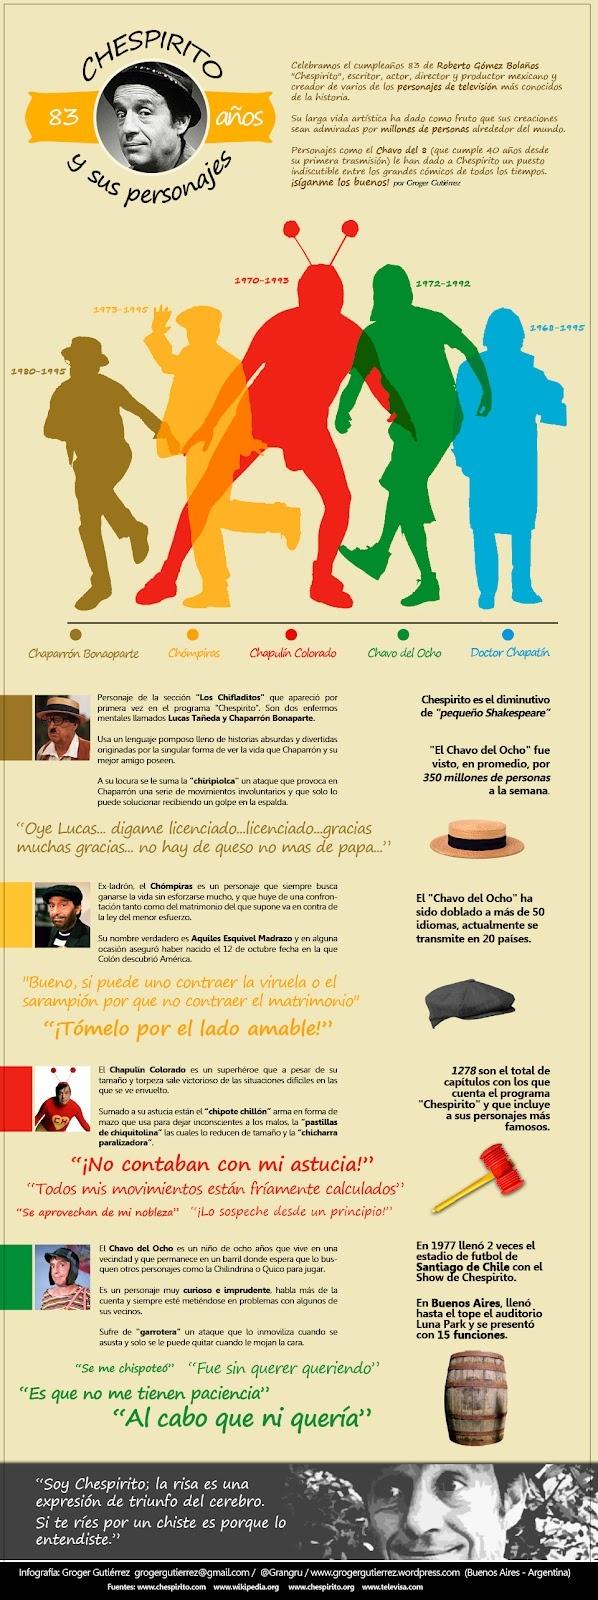 Chespirito y sus personajes #infografia